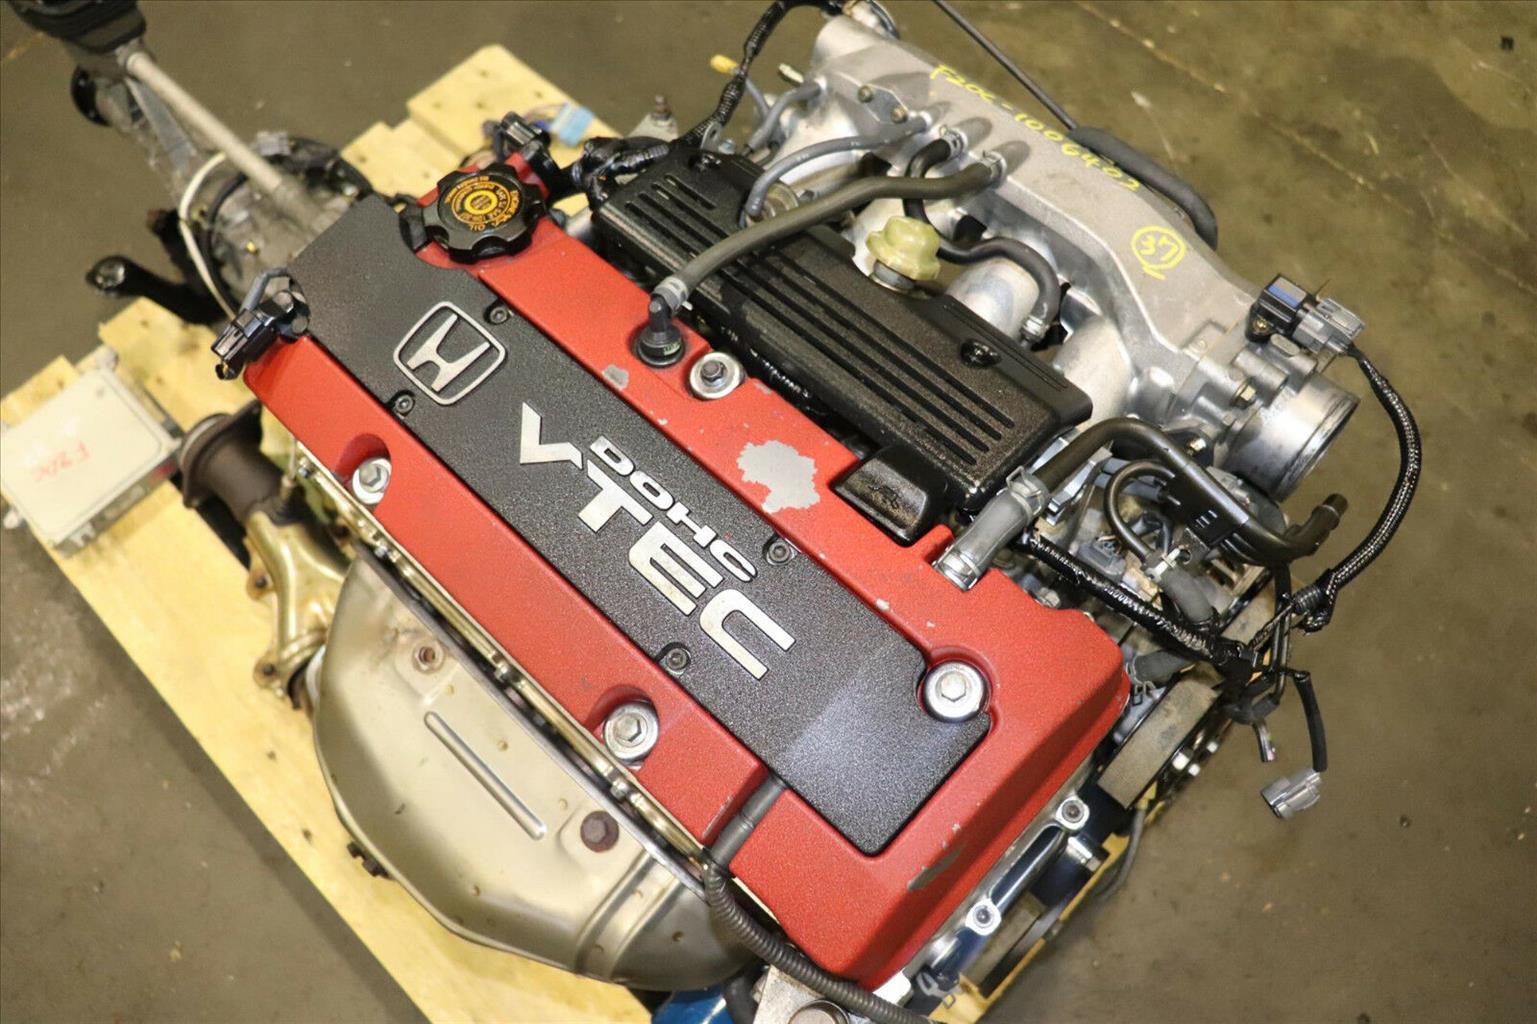 Honda S2000 Ap1 F20c 20l Dohc Vtec Engine 6 Speed Rwd Trans Junk Mail